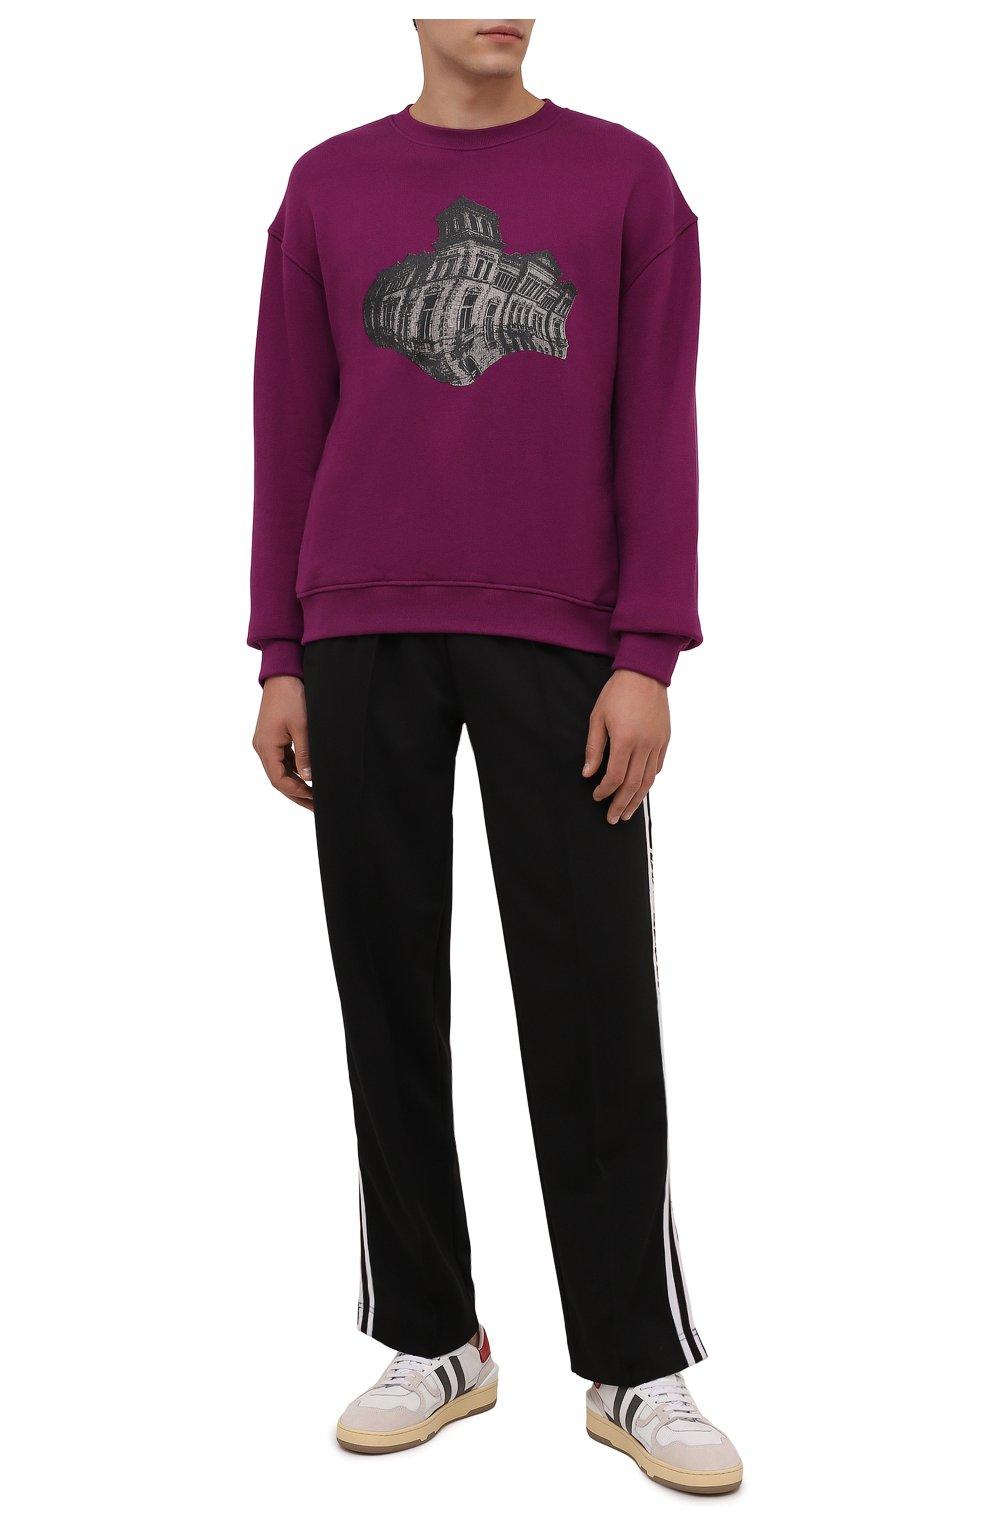 Мужской хлопковый свитшот TEE LIBRARY фиолетового цвета, арт. TFK-SW-27 | Фото 2 (Рукава: Длинные; Длина (для топов): Стандартные; Принт: С принтом; Мужское Кросс-КТ: свитшот-одежда; Материал внешний: Хлопок; Стили: Кэжуэл)